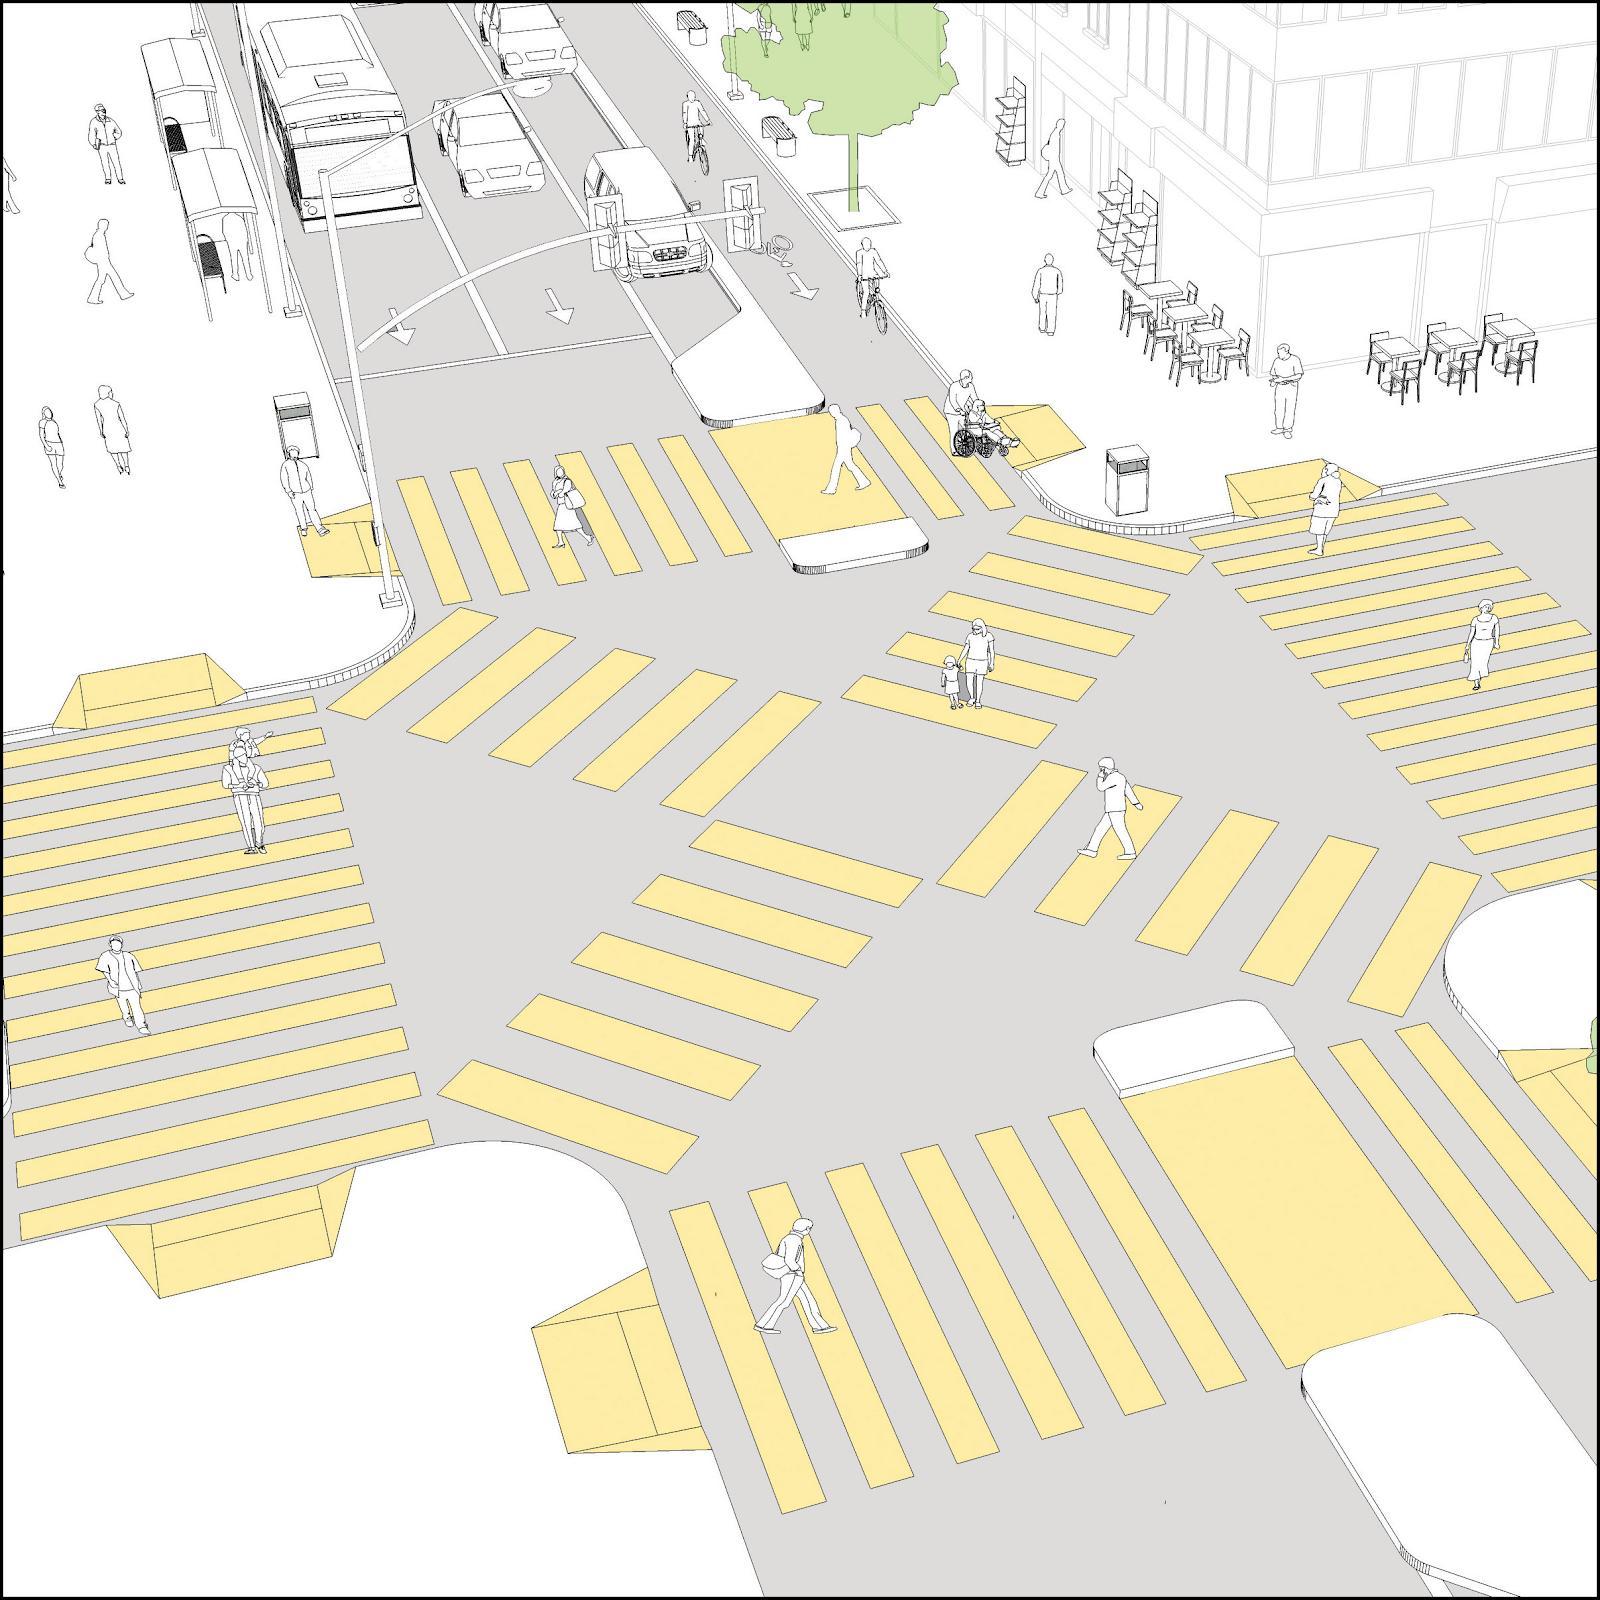 對角過路處的設計尤其適用於行人流量龐大的位置,綠燈期間容許行人從四面方向同時過路,其時所有車輛靜候等待,從而減少行人與車輛相撞的機會。